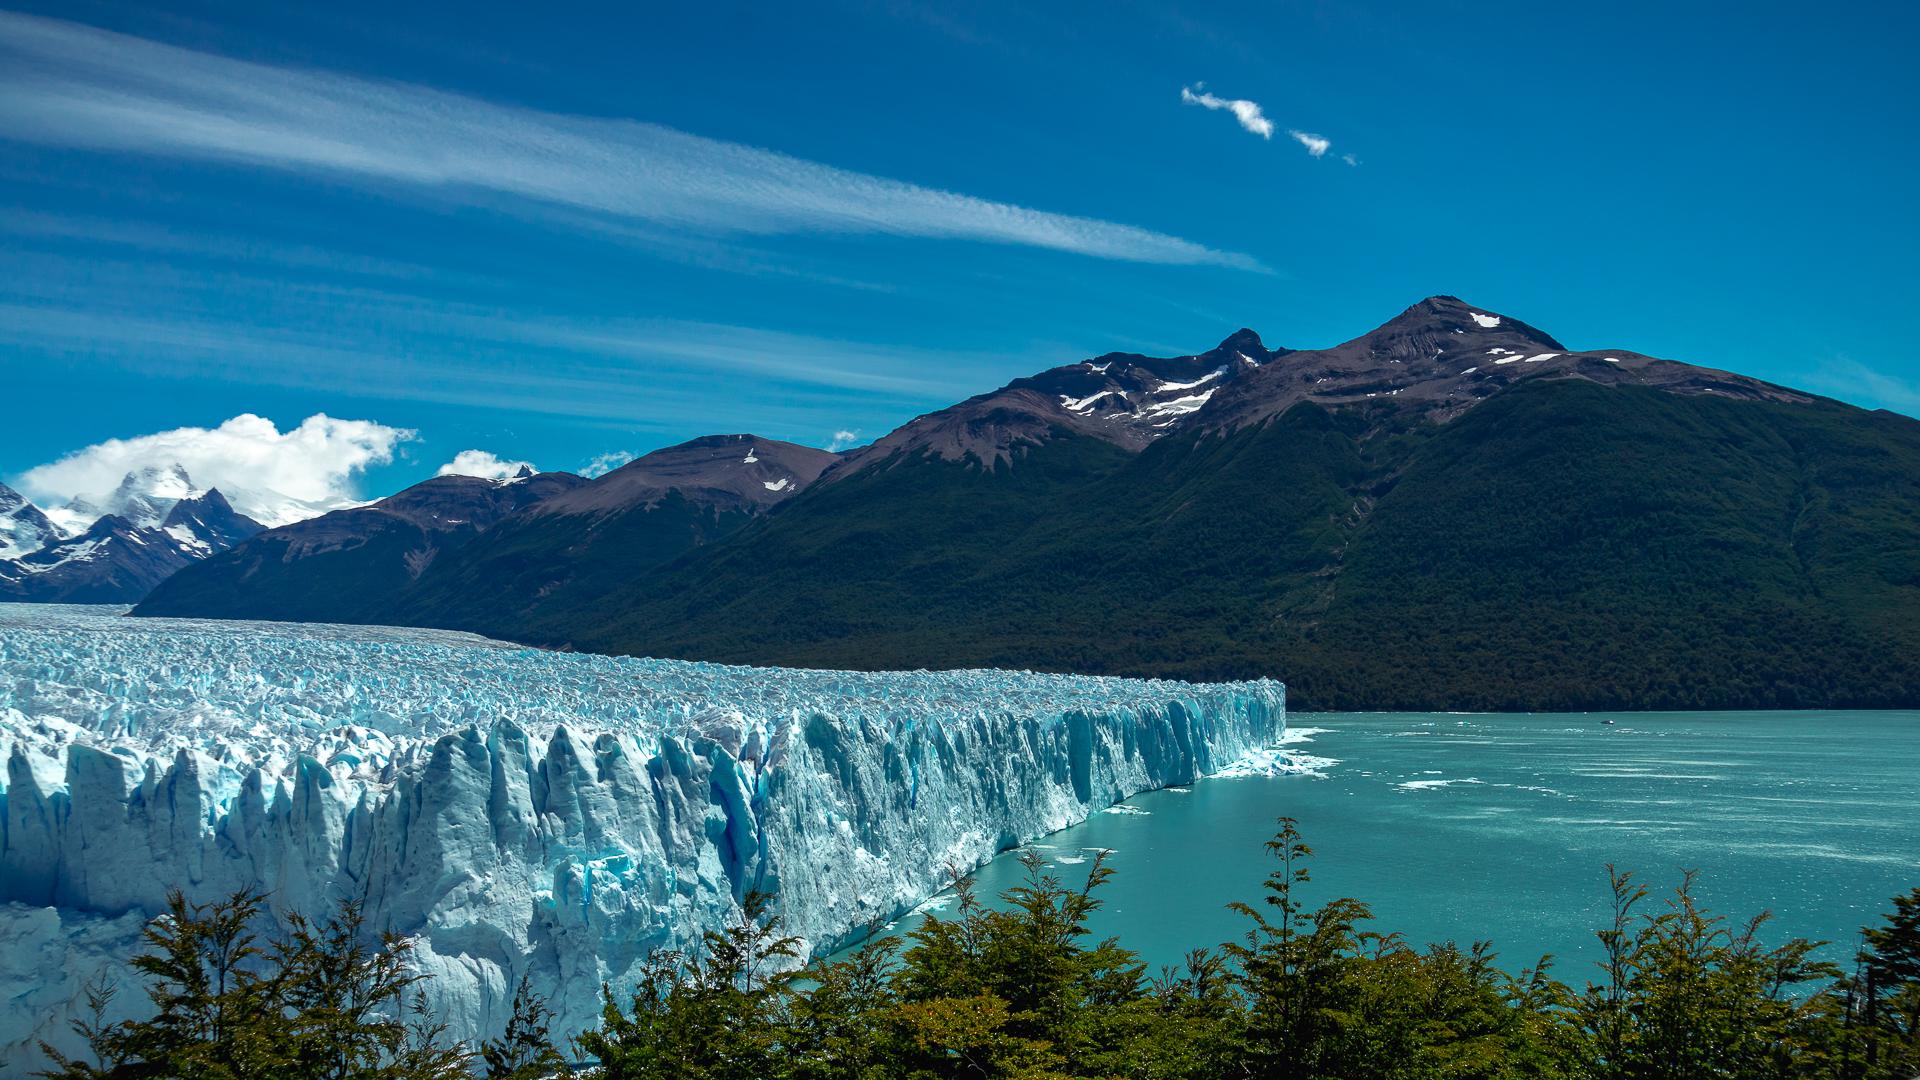 Ледниковый период и край Земли: must see в Патагонии